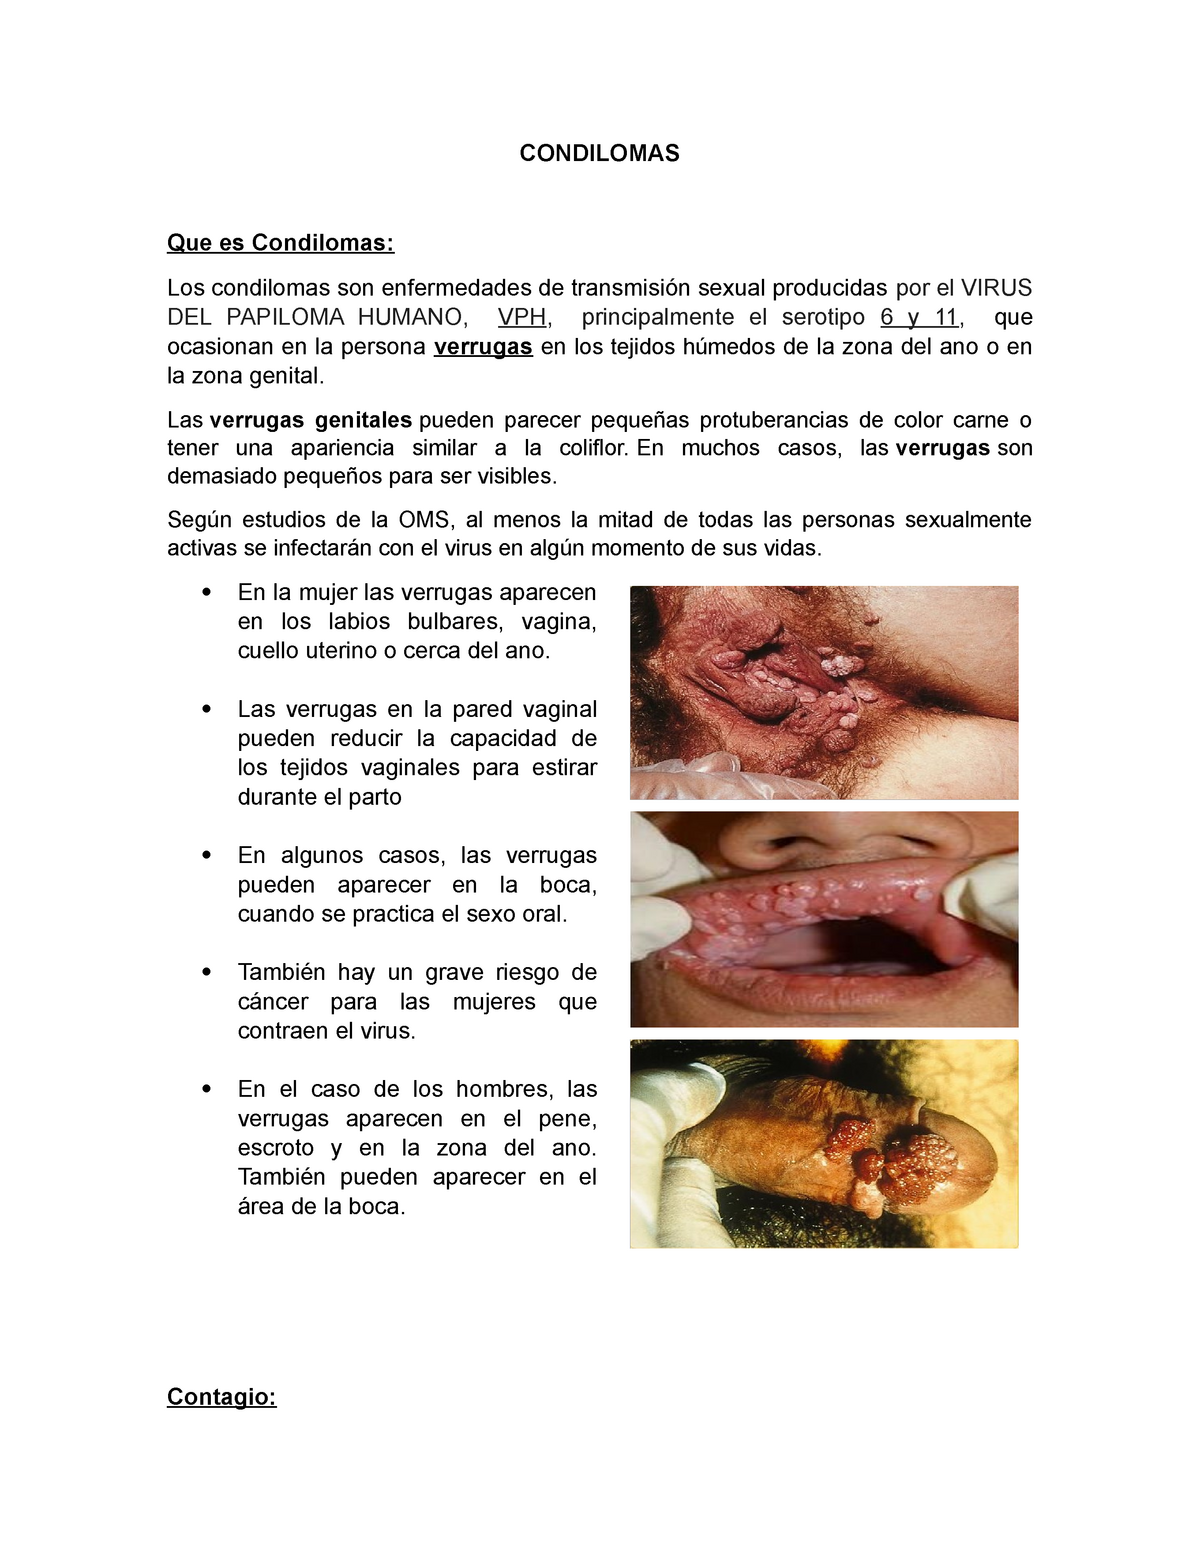 Vaccin HPV - infecţia cu papiloma virus uman, diagnostic, contraindicaţii şi precauţii la vaccinare